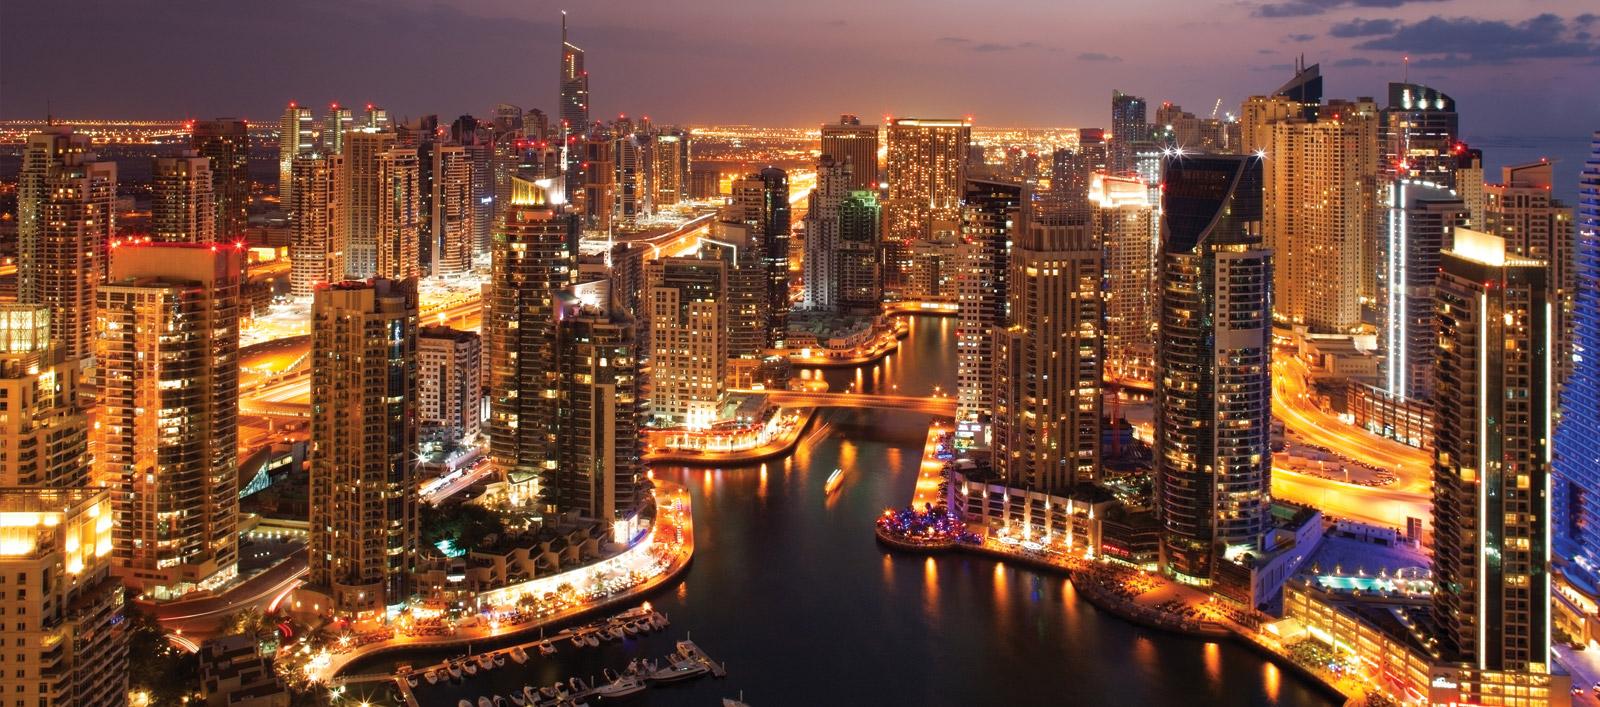 السياحة في دبي توفر دخلًا وفيرًا للإمارات